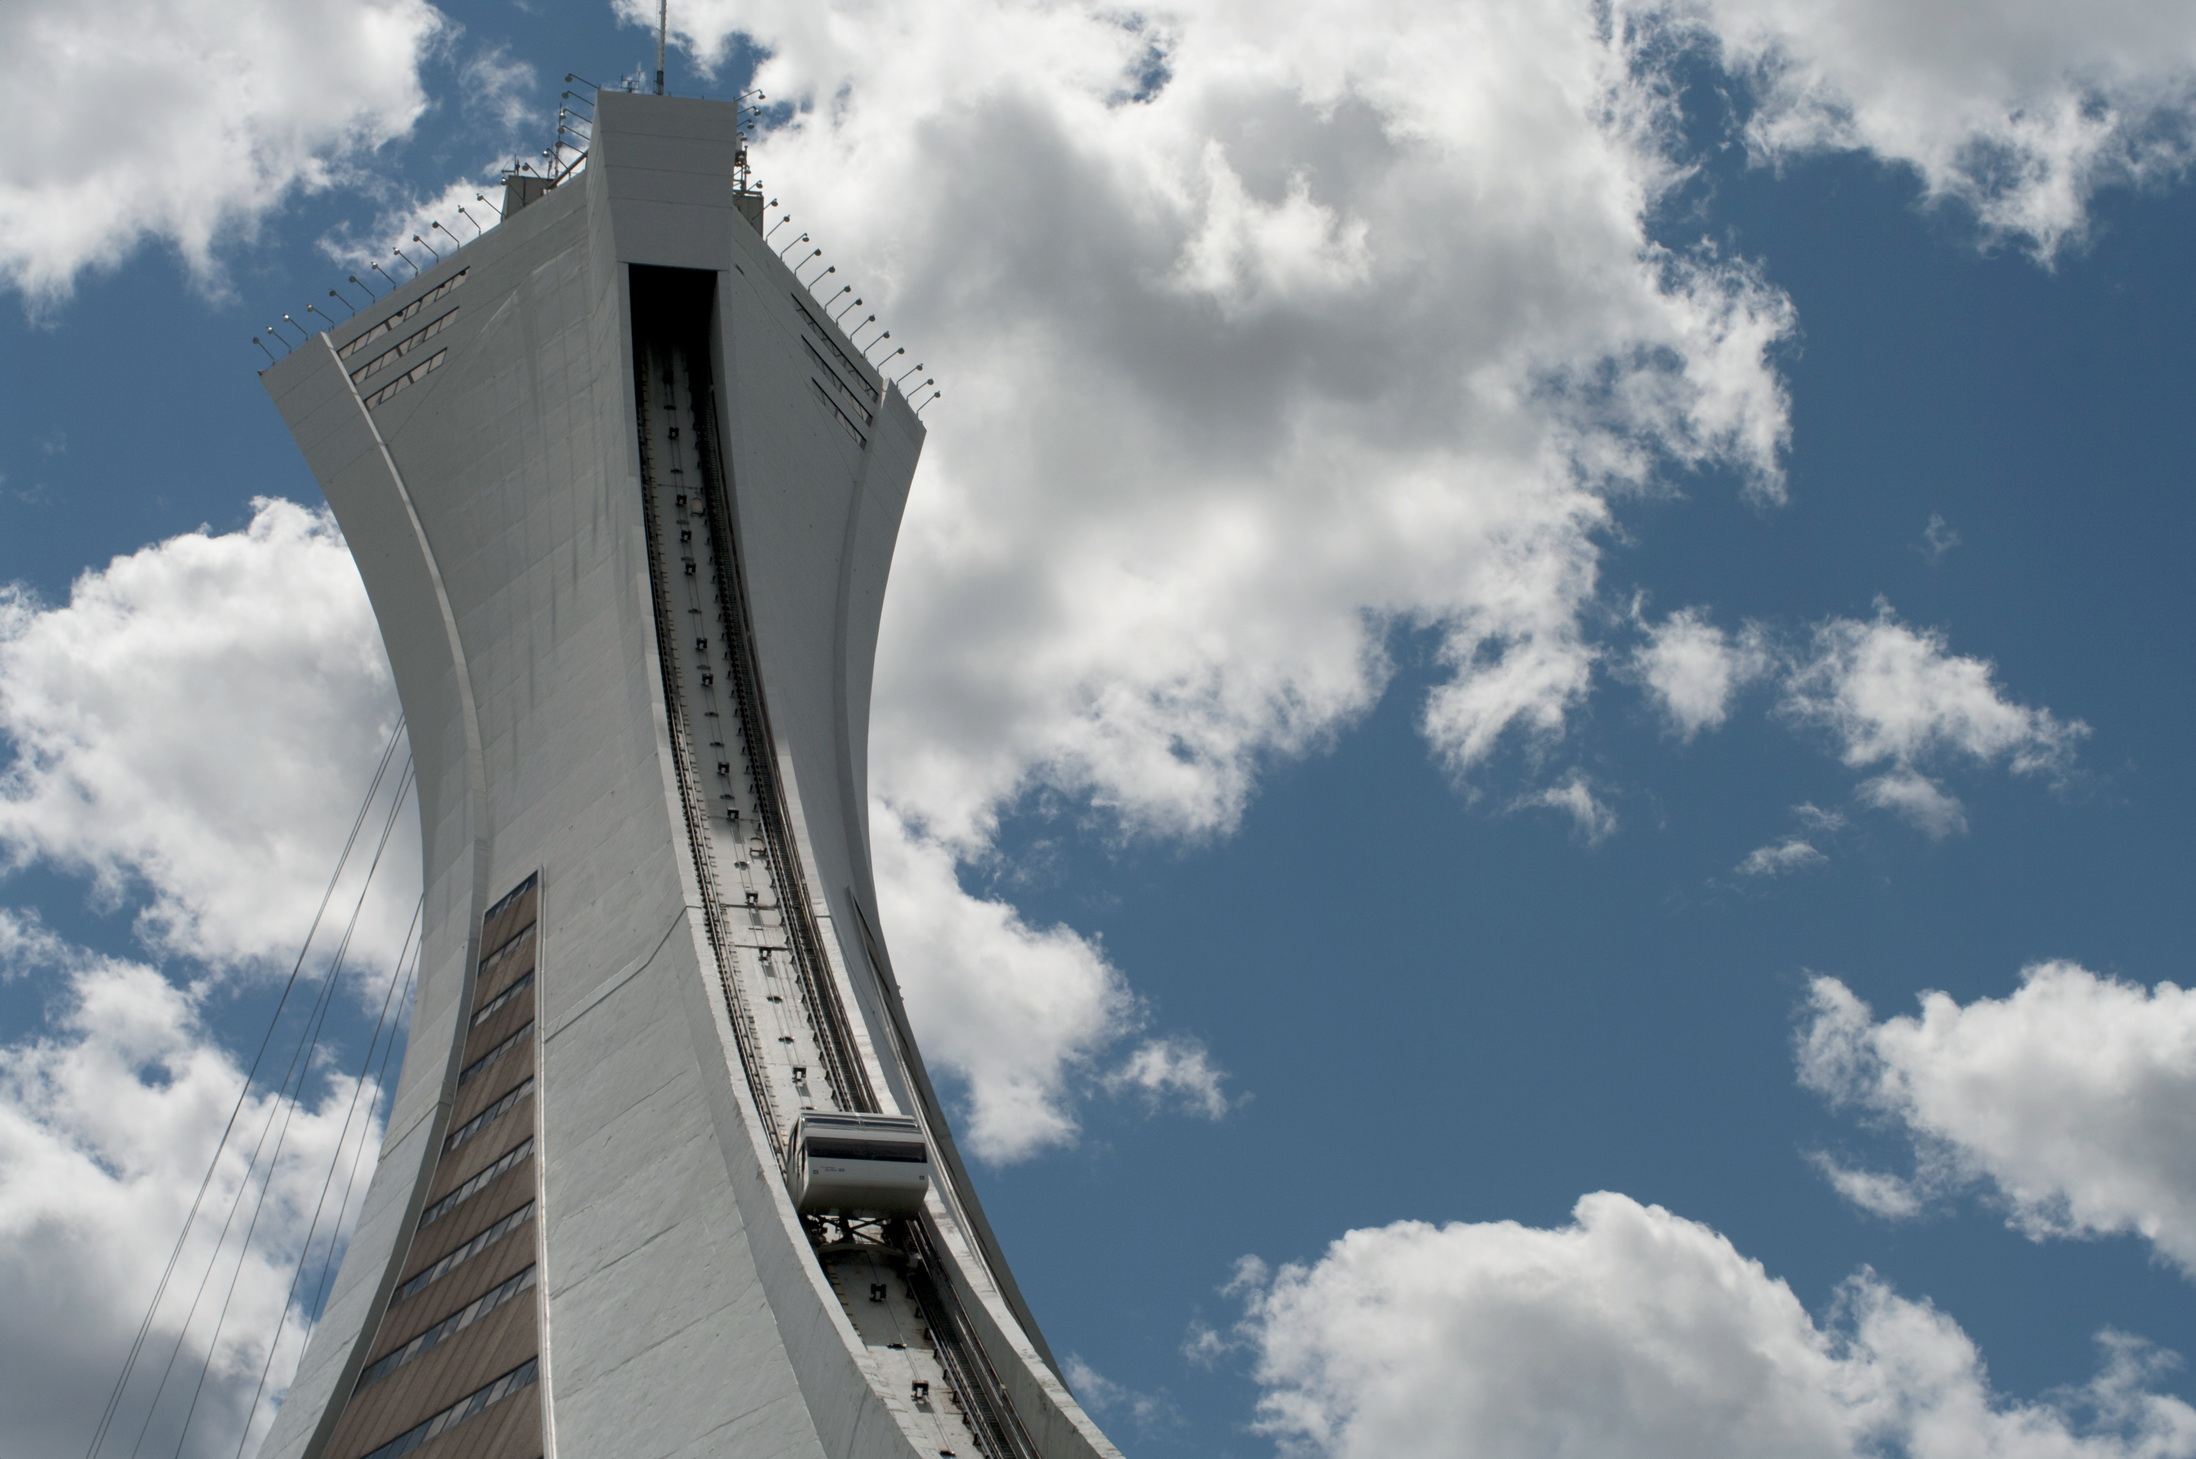 14 septembre 2010 les beaut s de montr al - Piscine du stade olympique ...